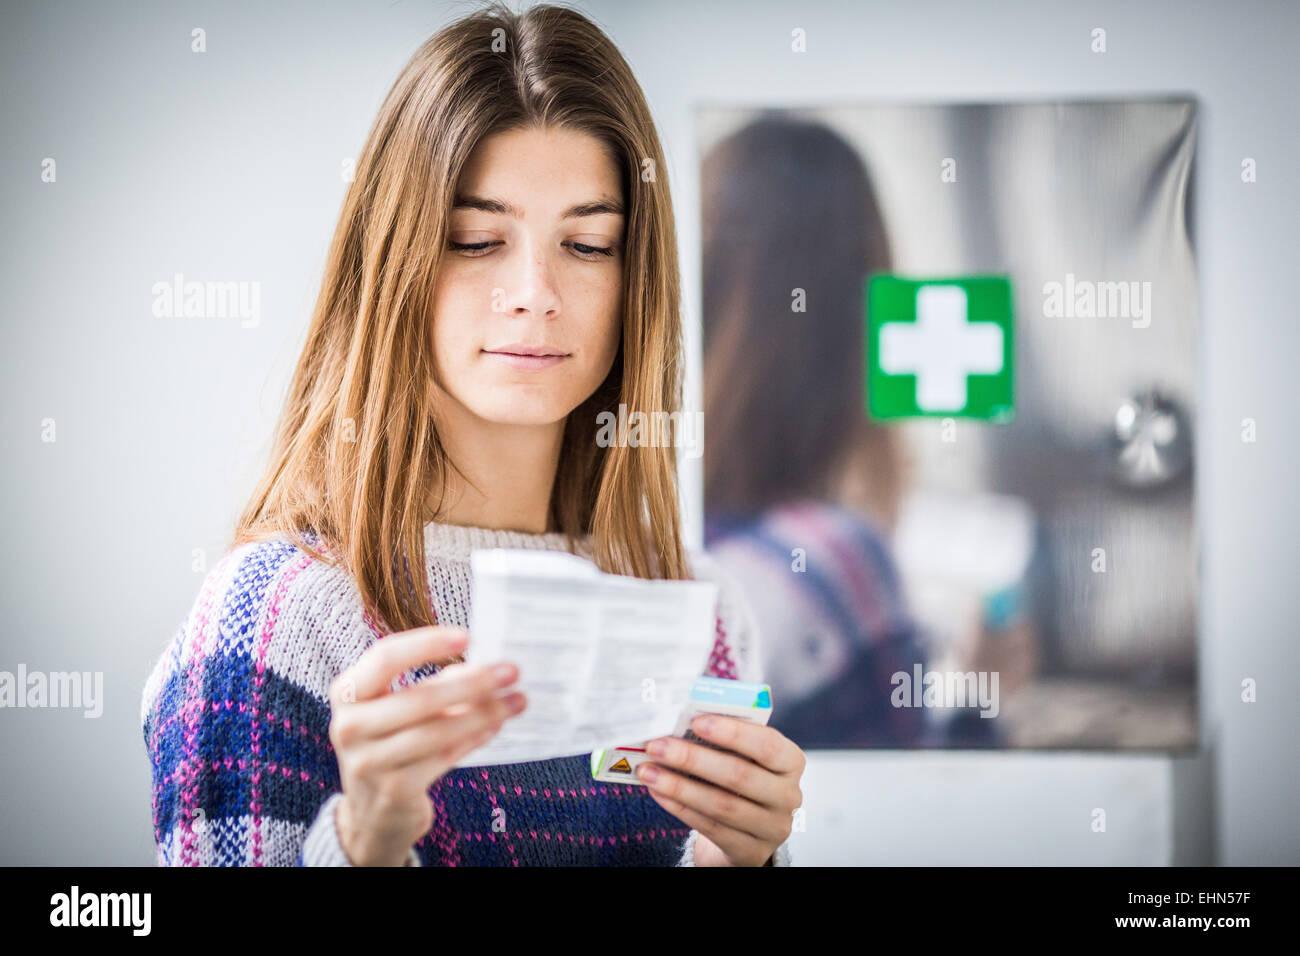 Mujer leyendo medicina hoja de instrucciones. Imagen De Stock